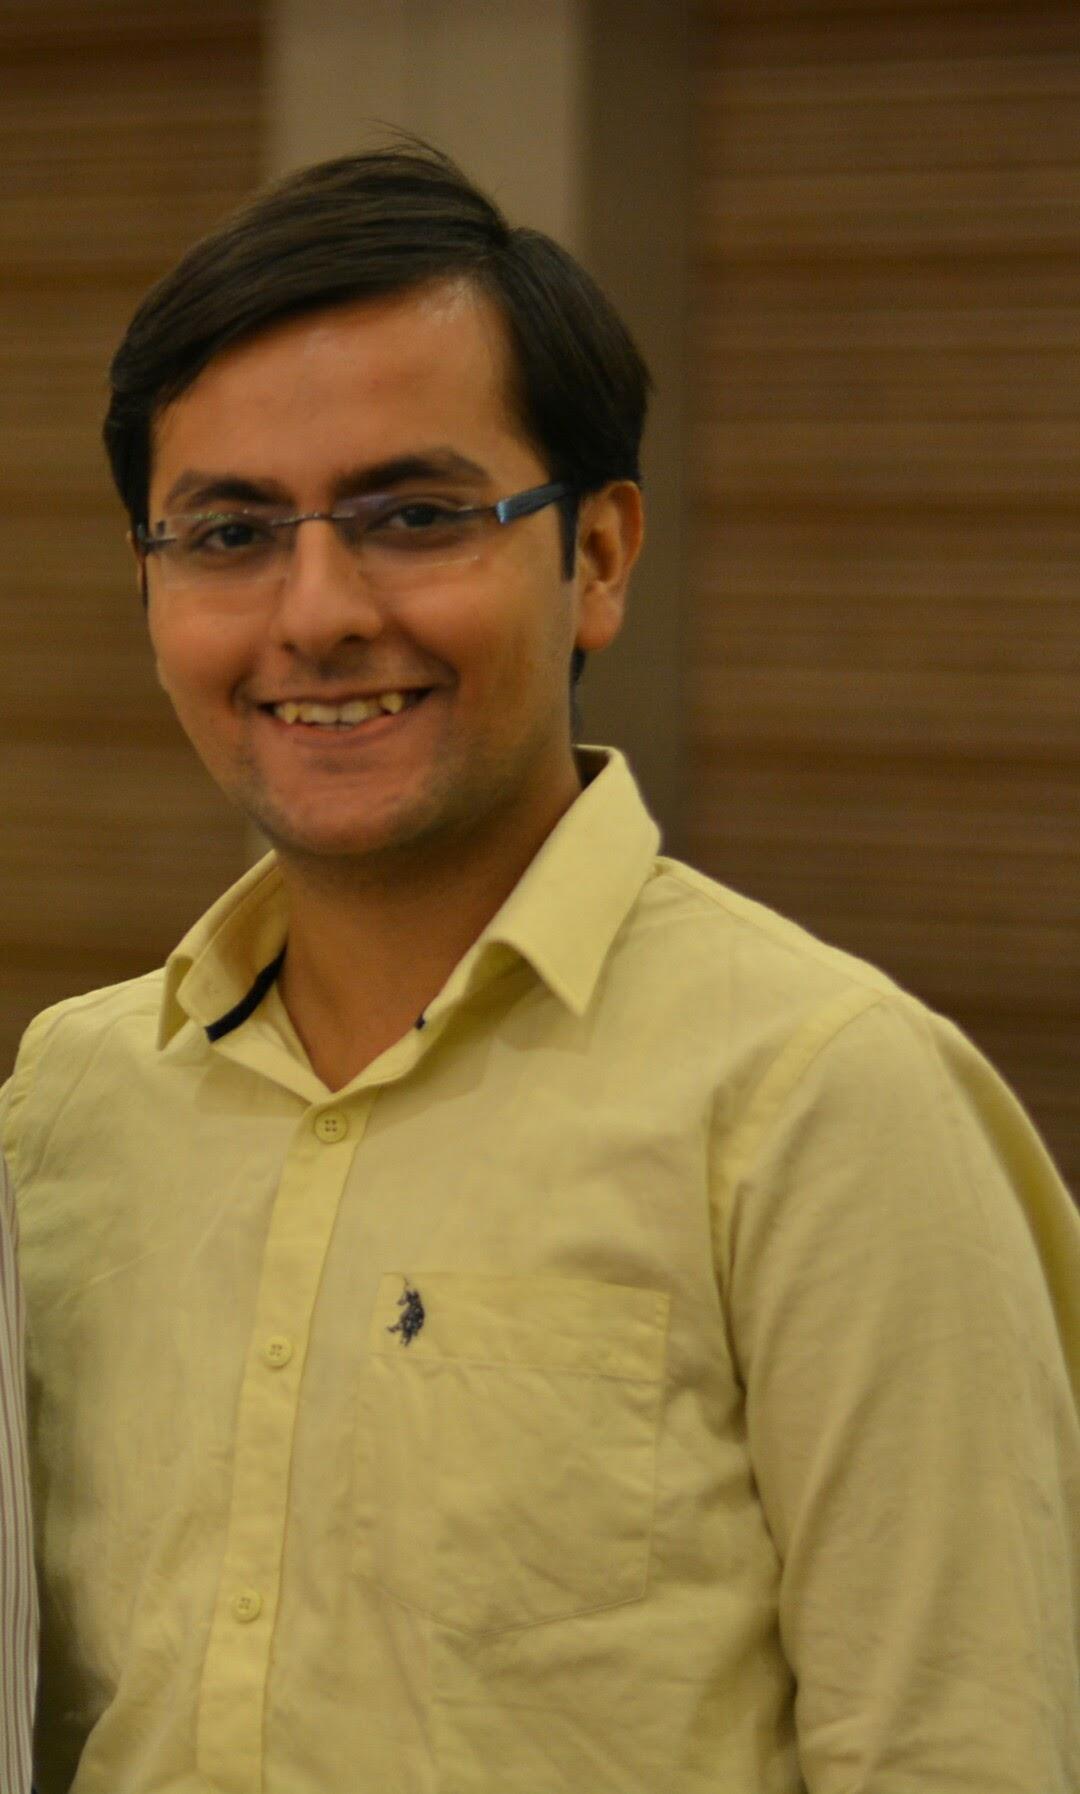 Dhiraj Wadhwa